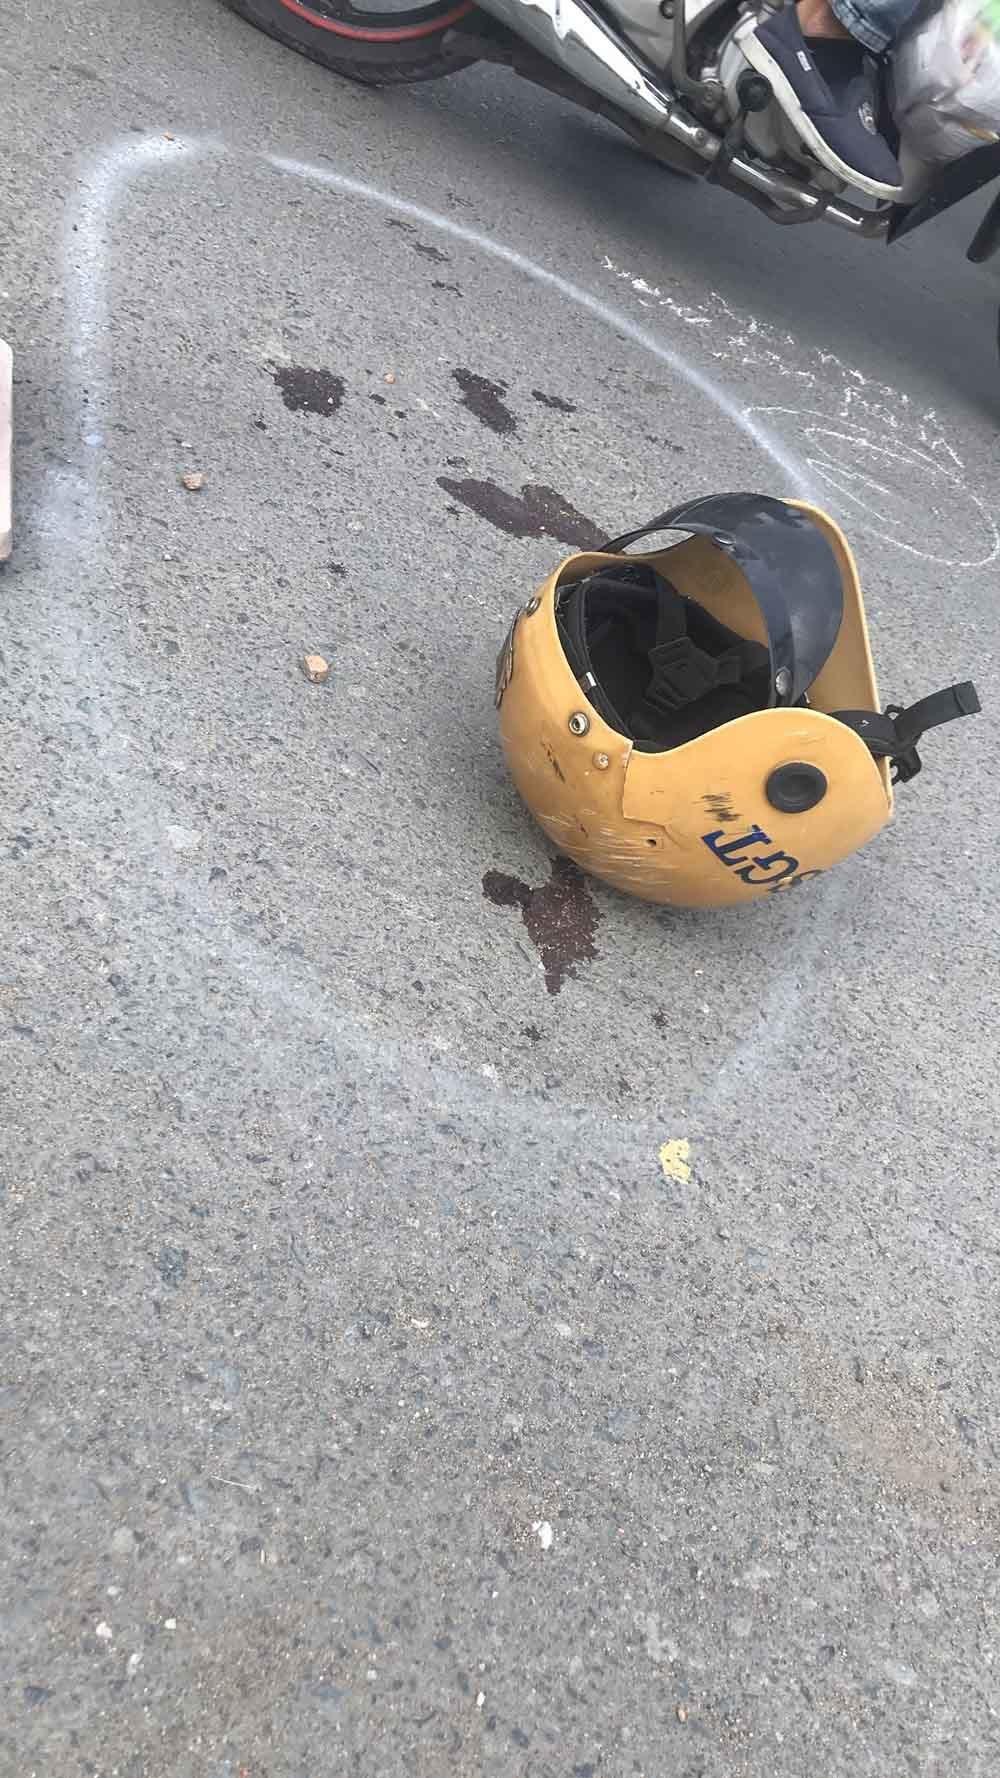 Bắt hai kẻ đâm xe trực diện khiến Trung tá CSGT gãy tay, chân